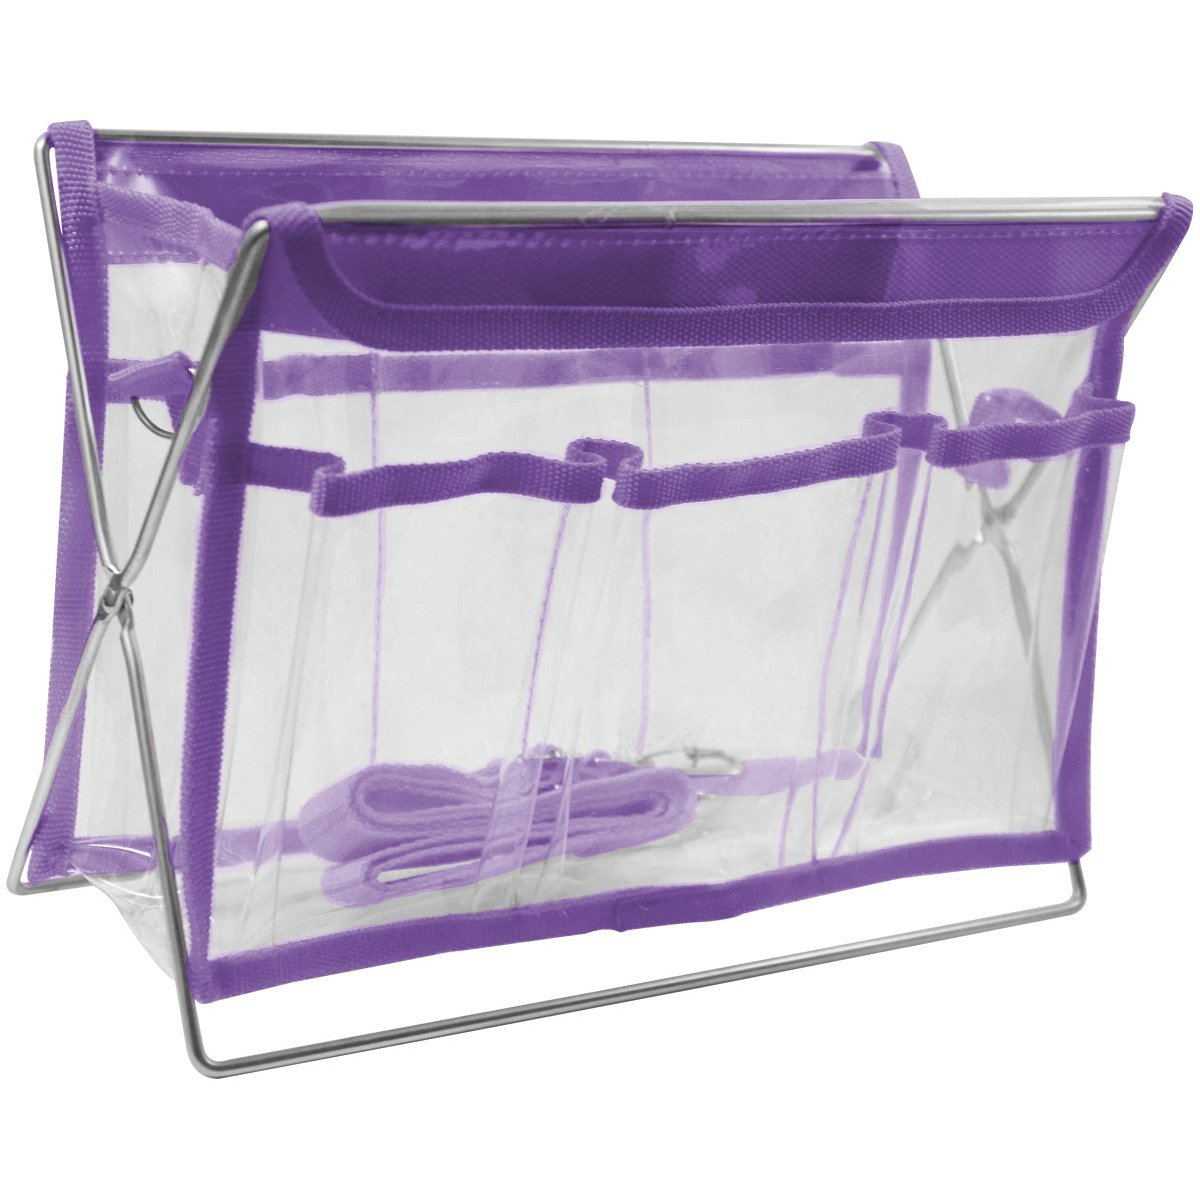 Sullivans 43245730 Small Sassy Purple Tote